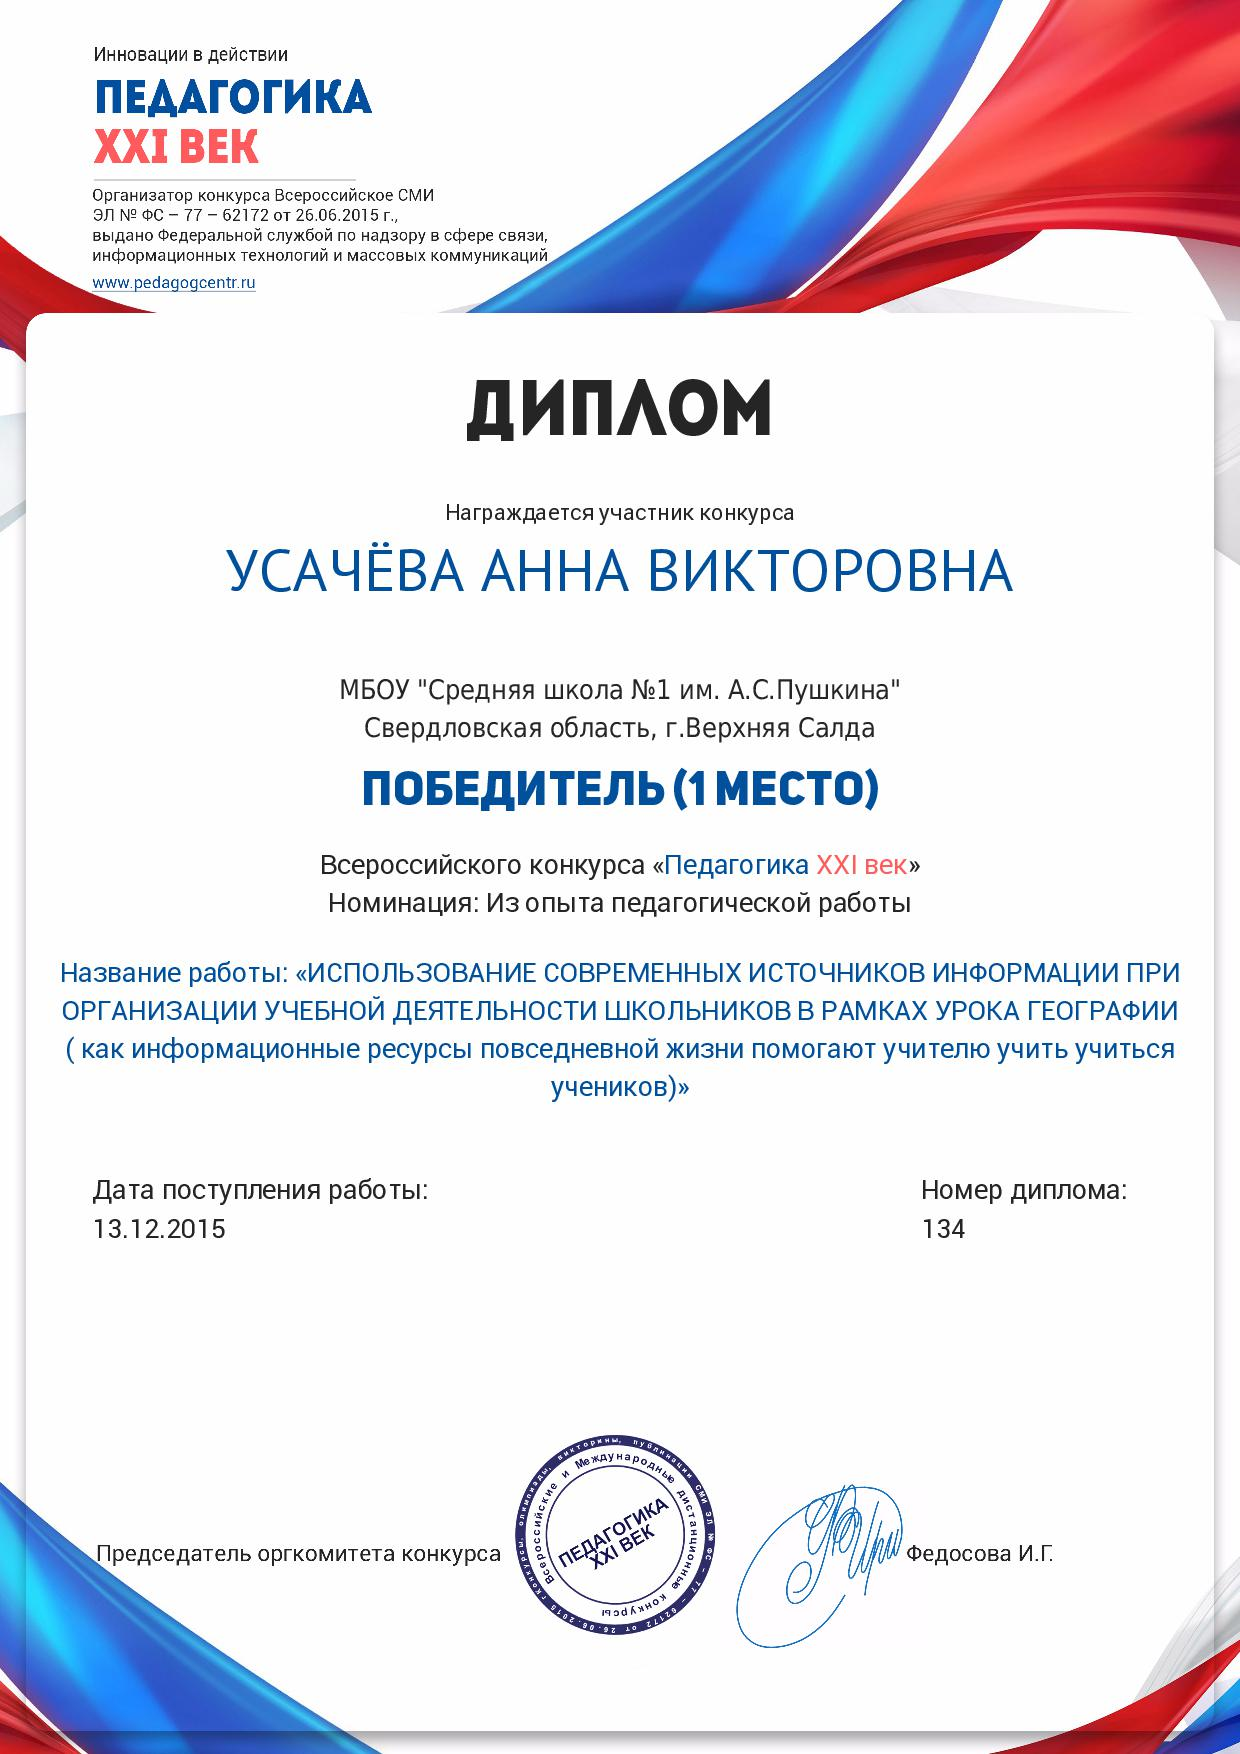 Всероссийский конкурс педагогика 21 века